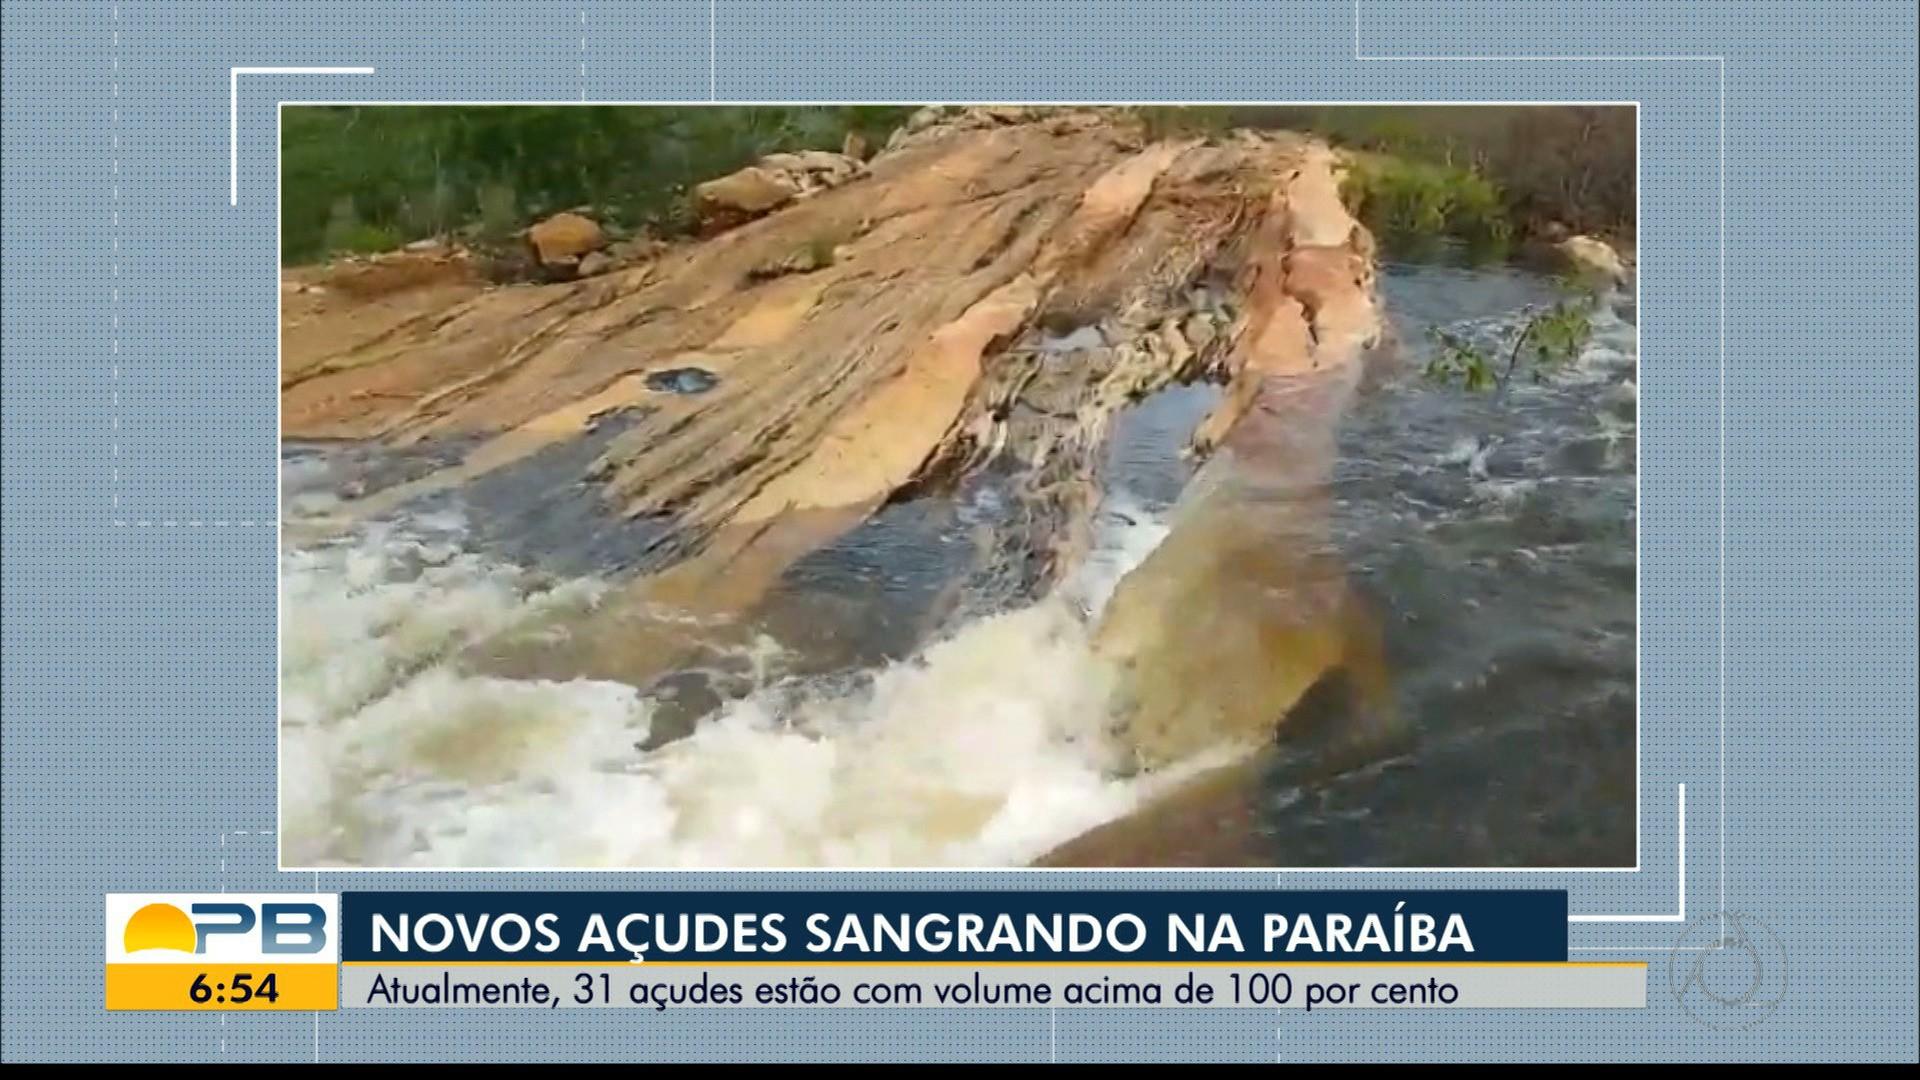 VÍDEOS: Bom Dia Paraíba desta sexta-feira, 24 de abril